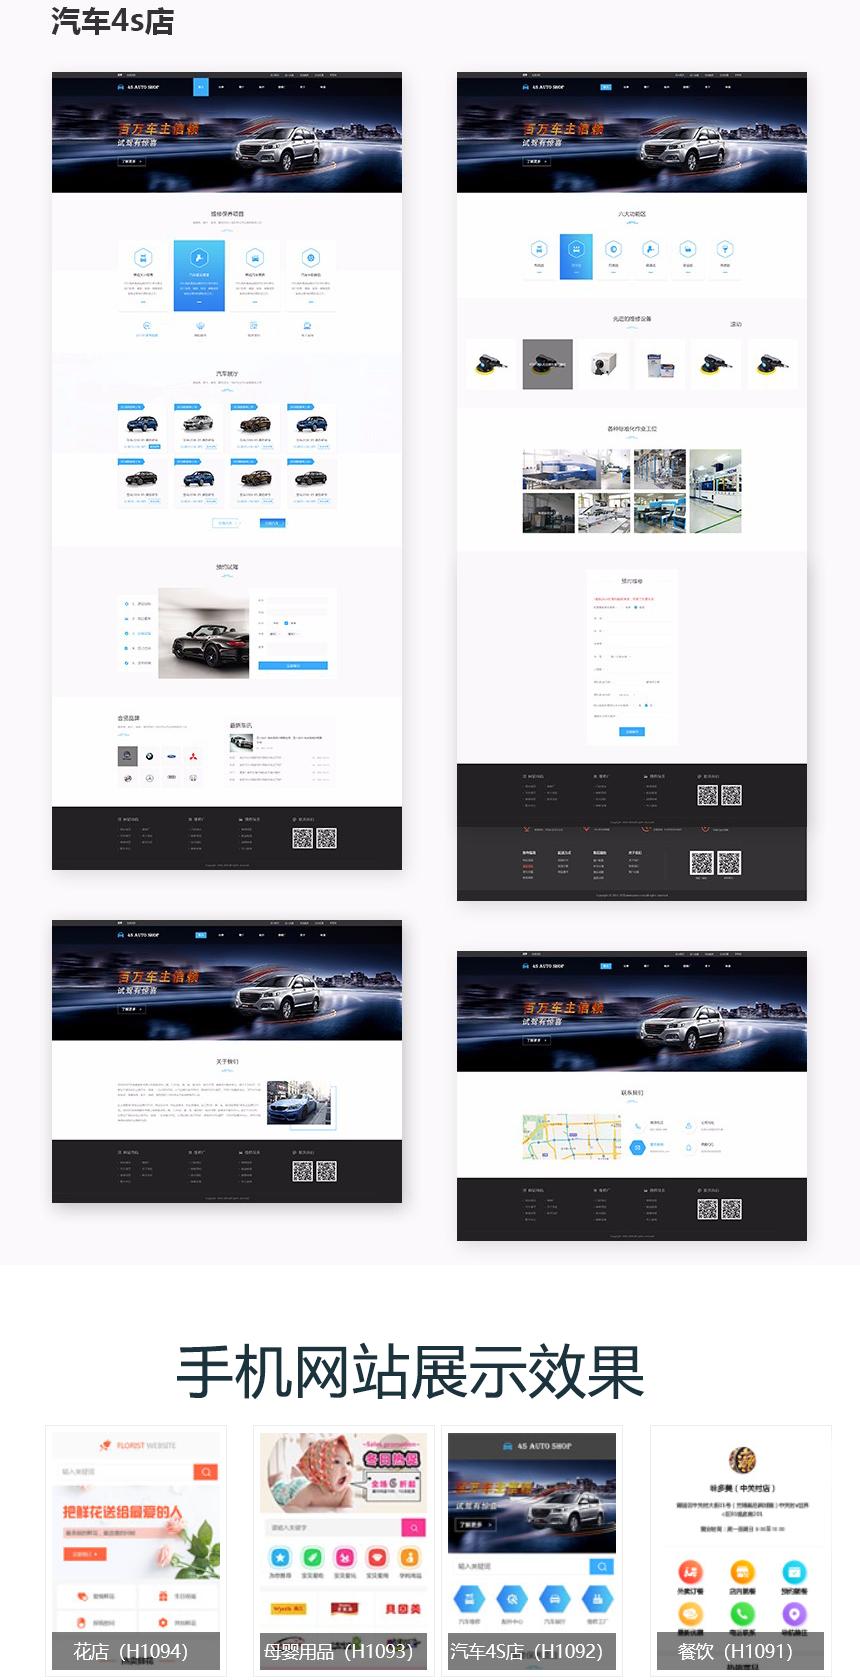 汽车4s店网页设计及本期所有在线设计手机网站展示